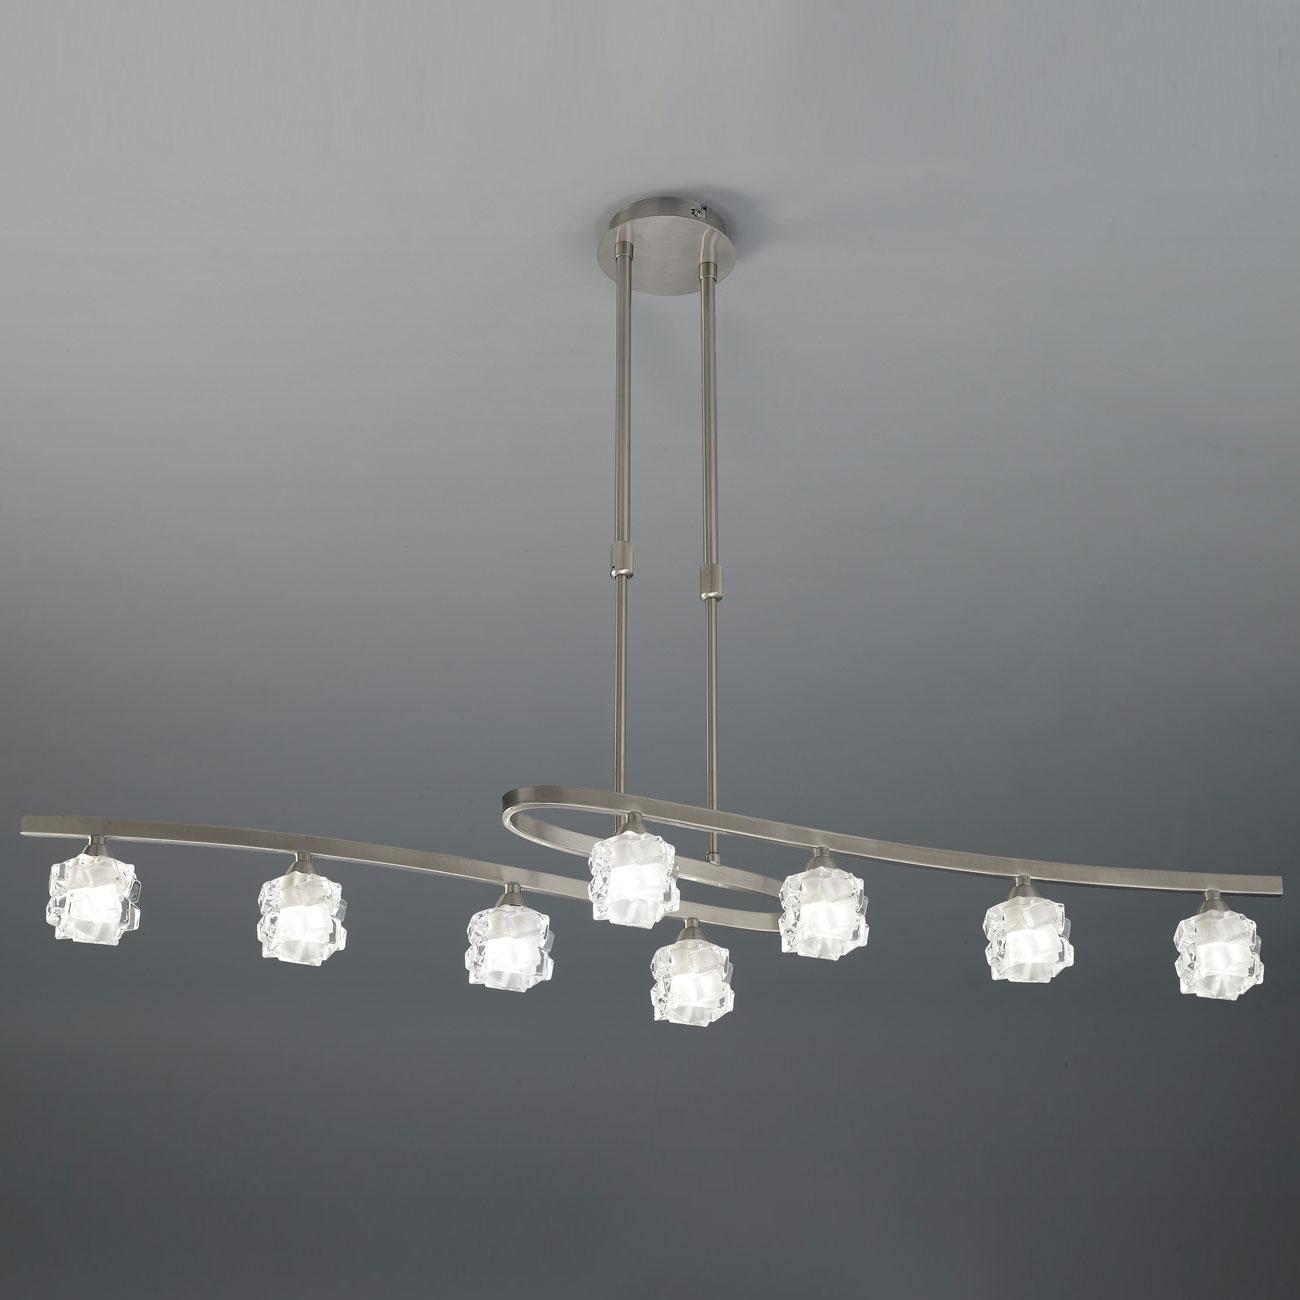 Mantra ice l mpara colgante 8xg9 33w n quel 1850 - Diseno lamparas colgantes ...